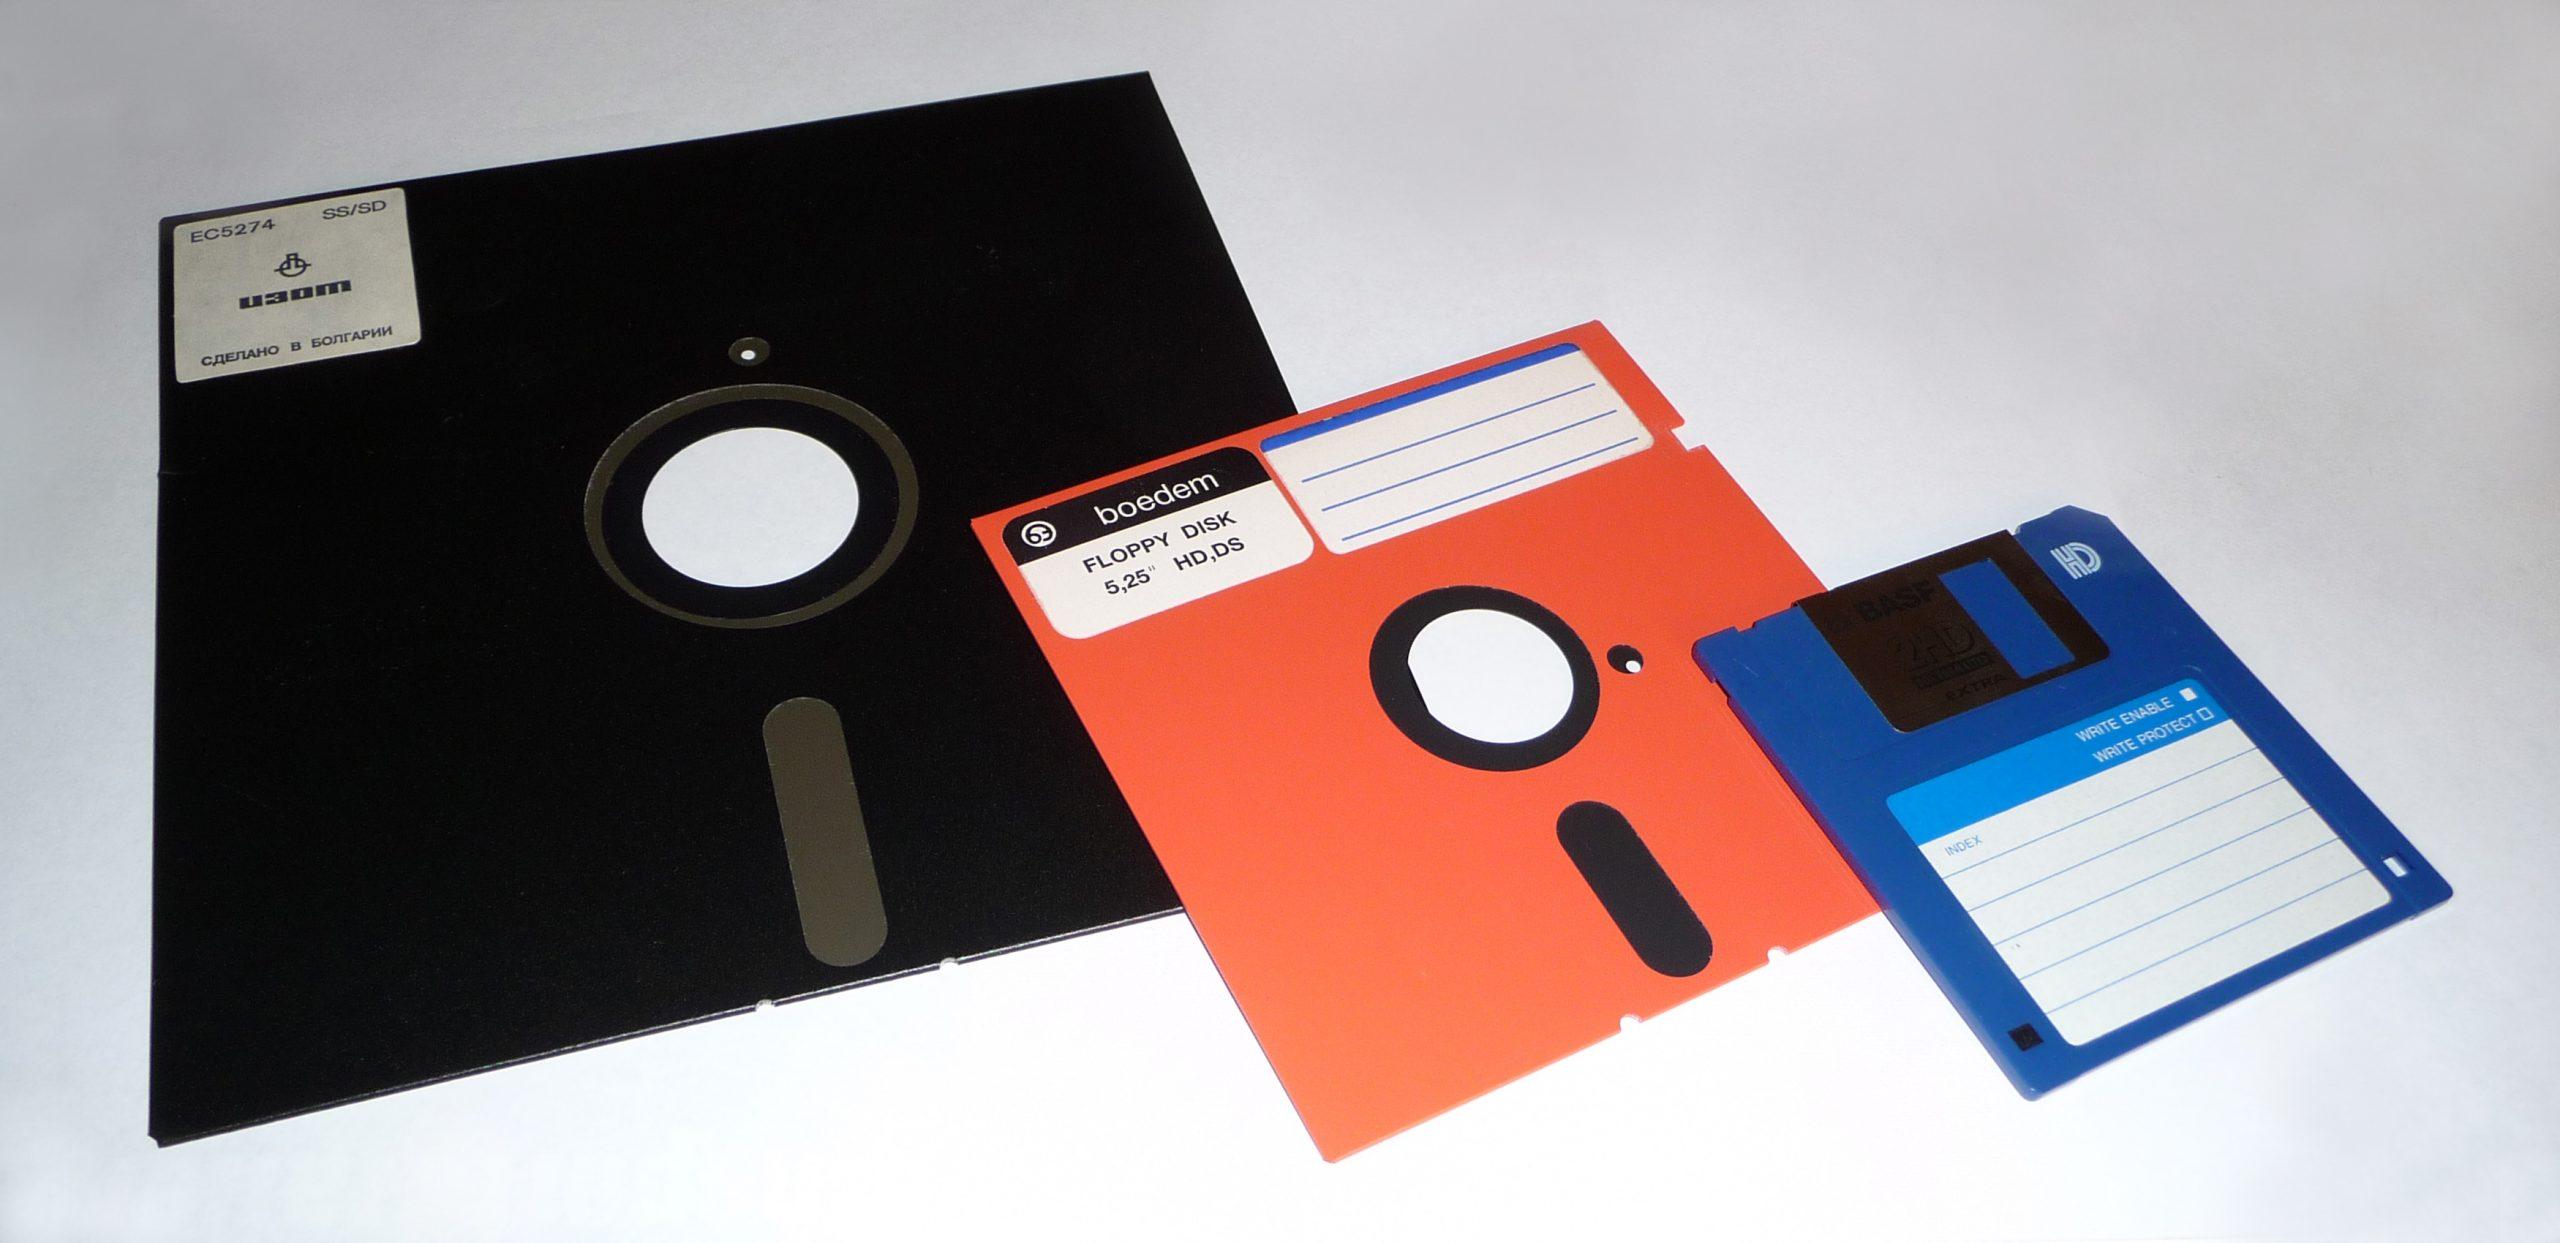 Floppy disk แผ่นดิสก์ในการบันทึกข้อมูลคอมในยุคแรก ที่ปัจจุบันได้กลายเป็นตำนานไปแล้ว